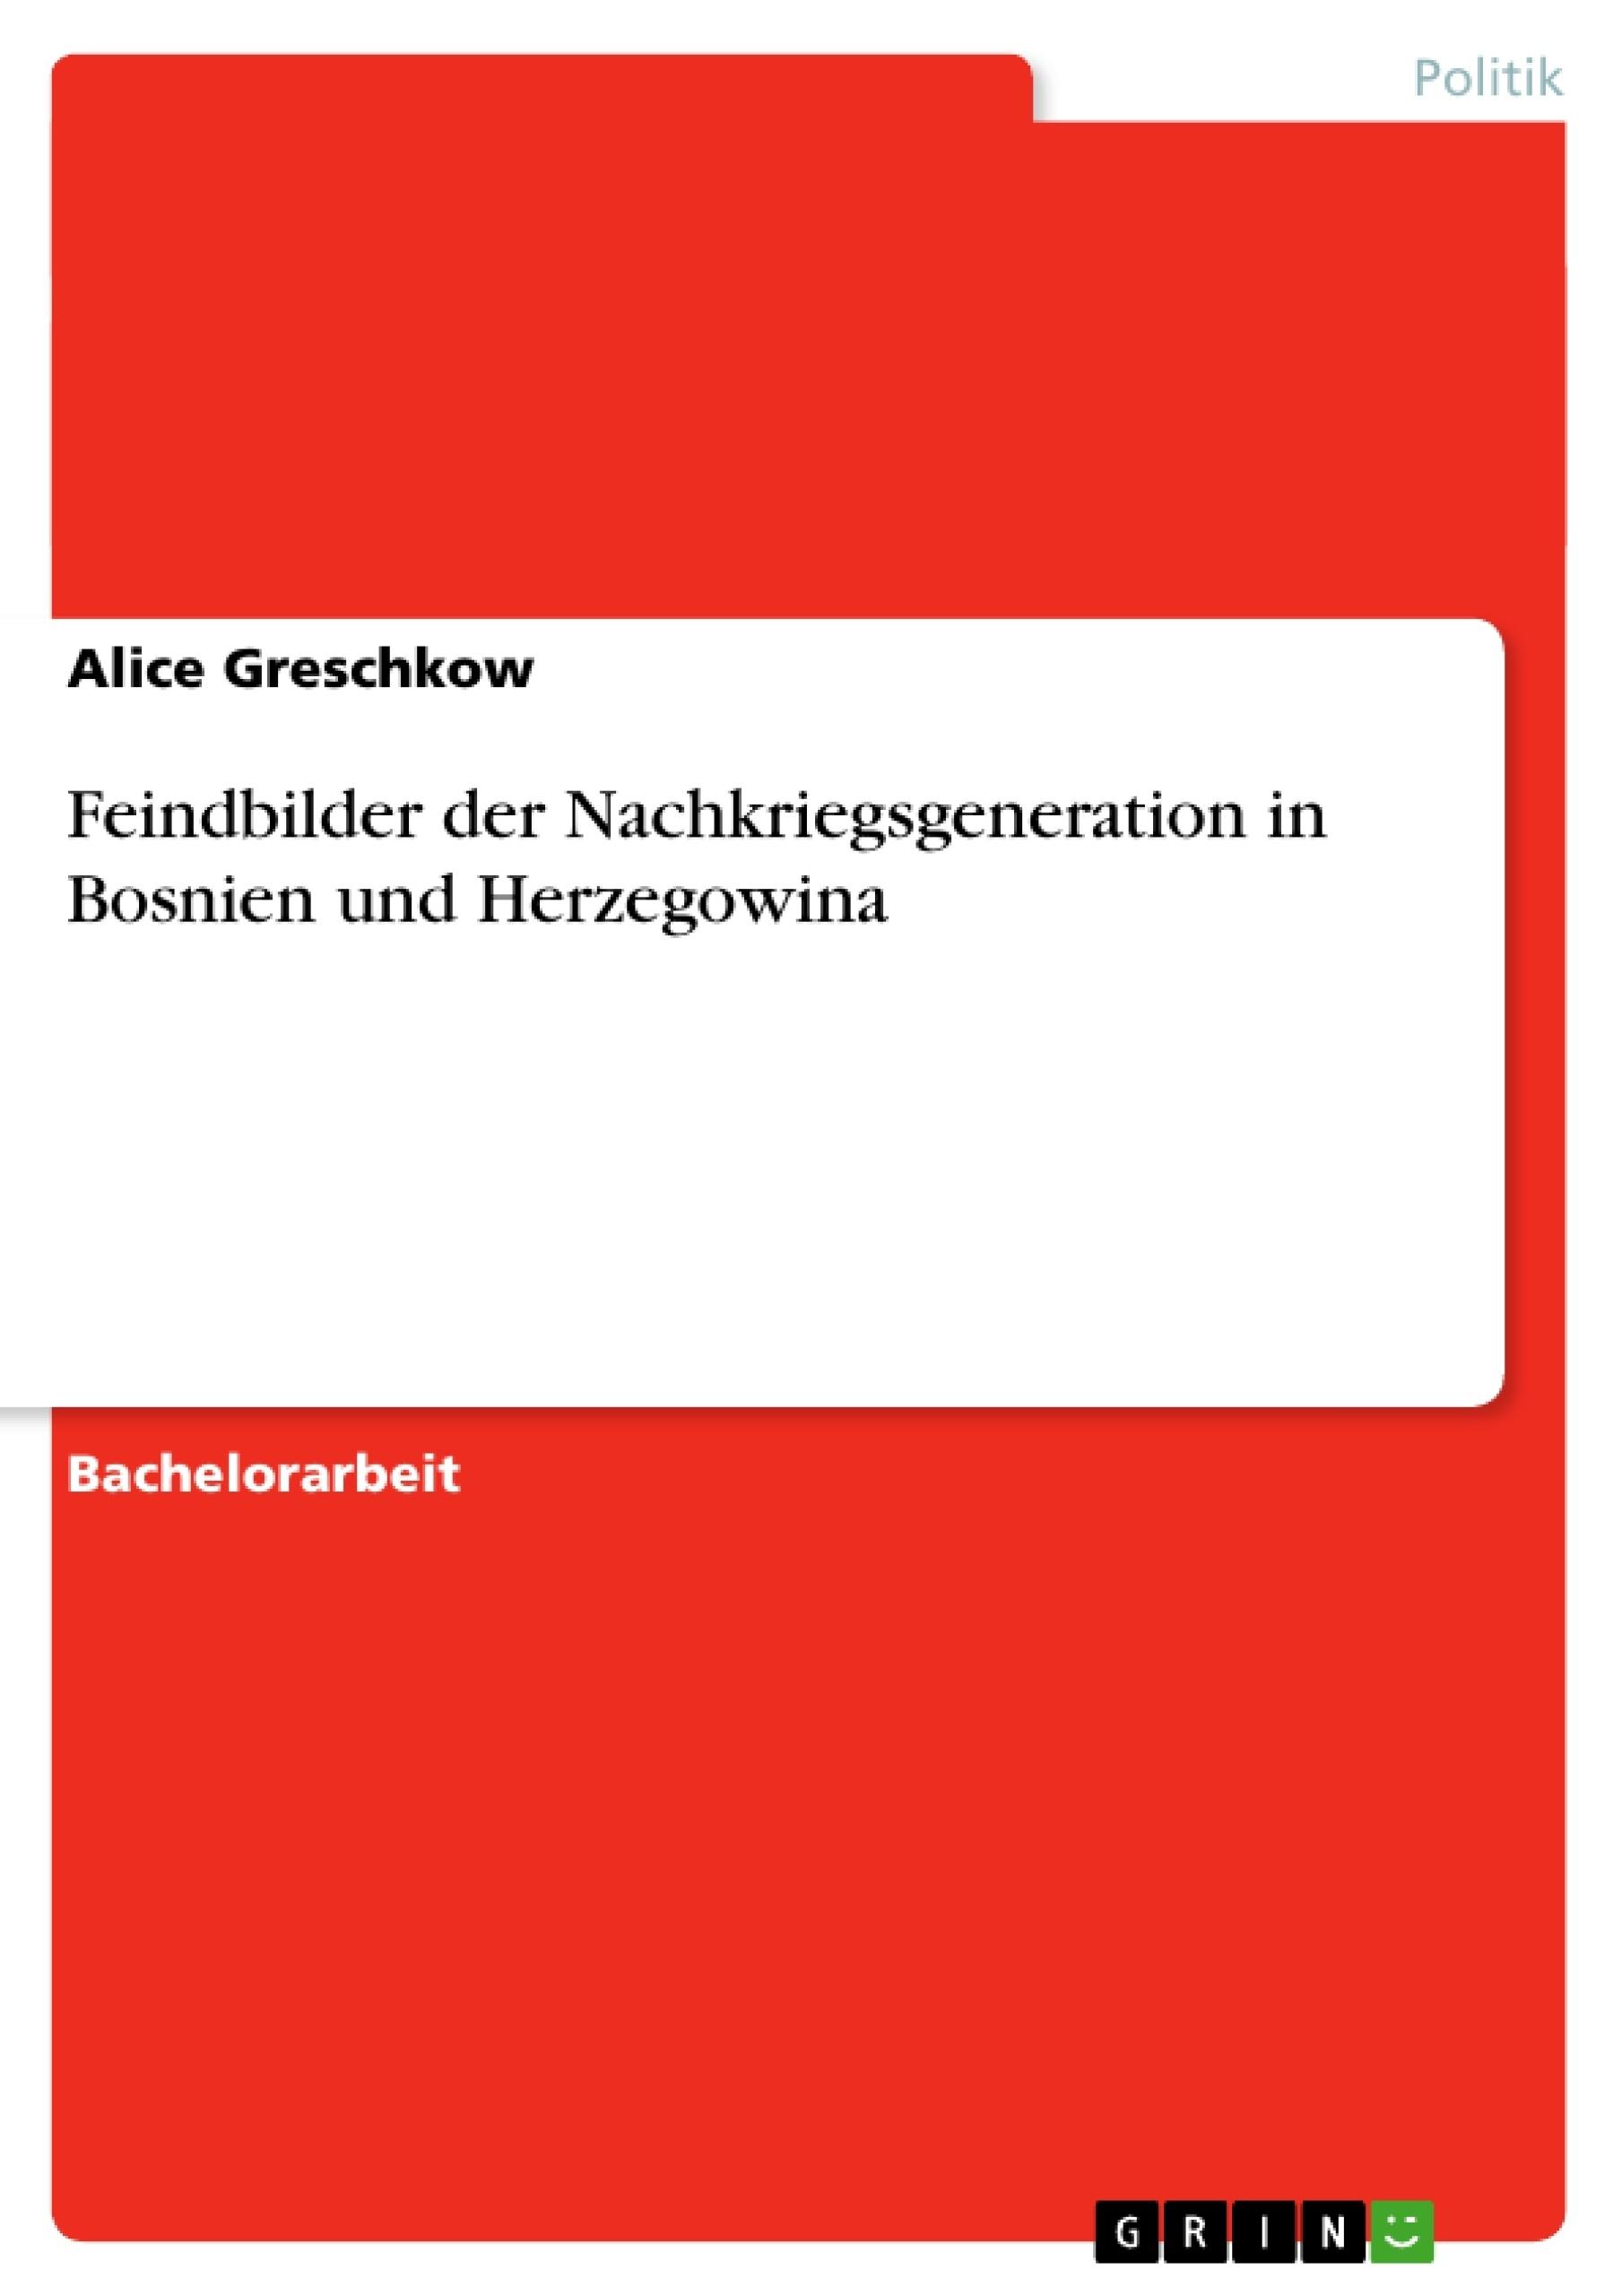 Titel: Feindbilder der Nachkriegsgeneration in Bosnien und Herzegowina